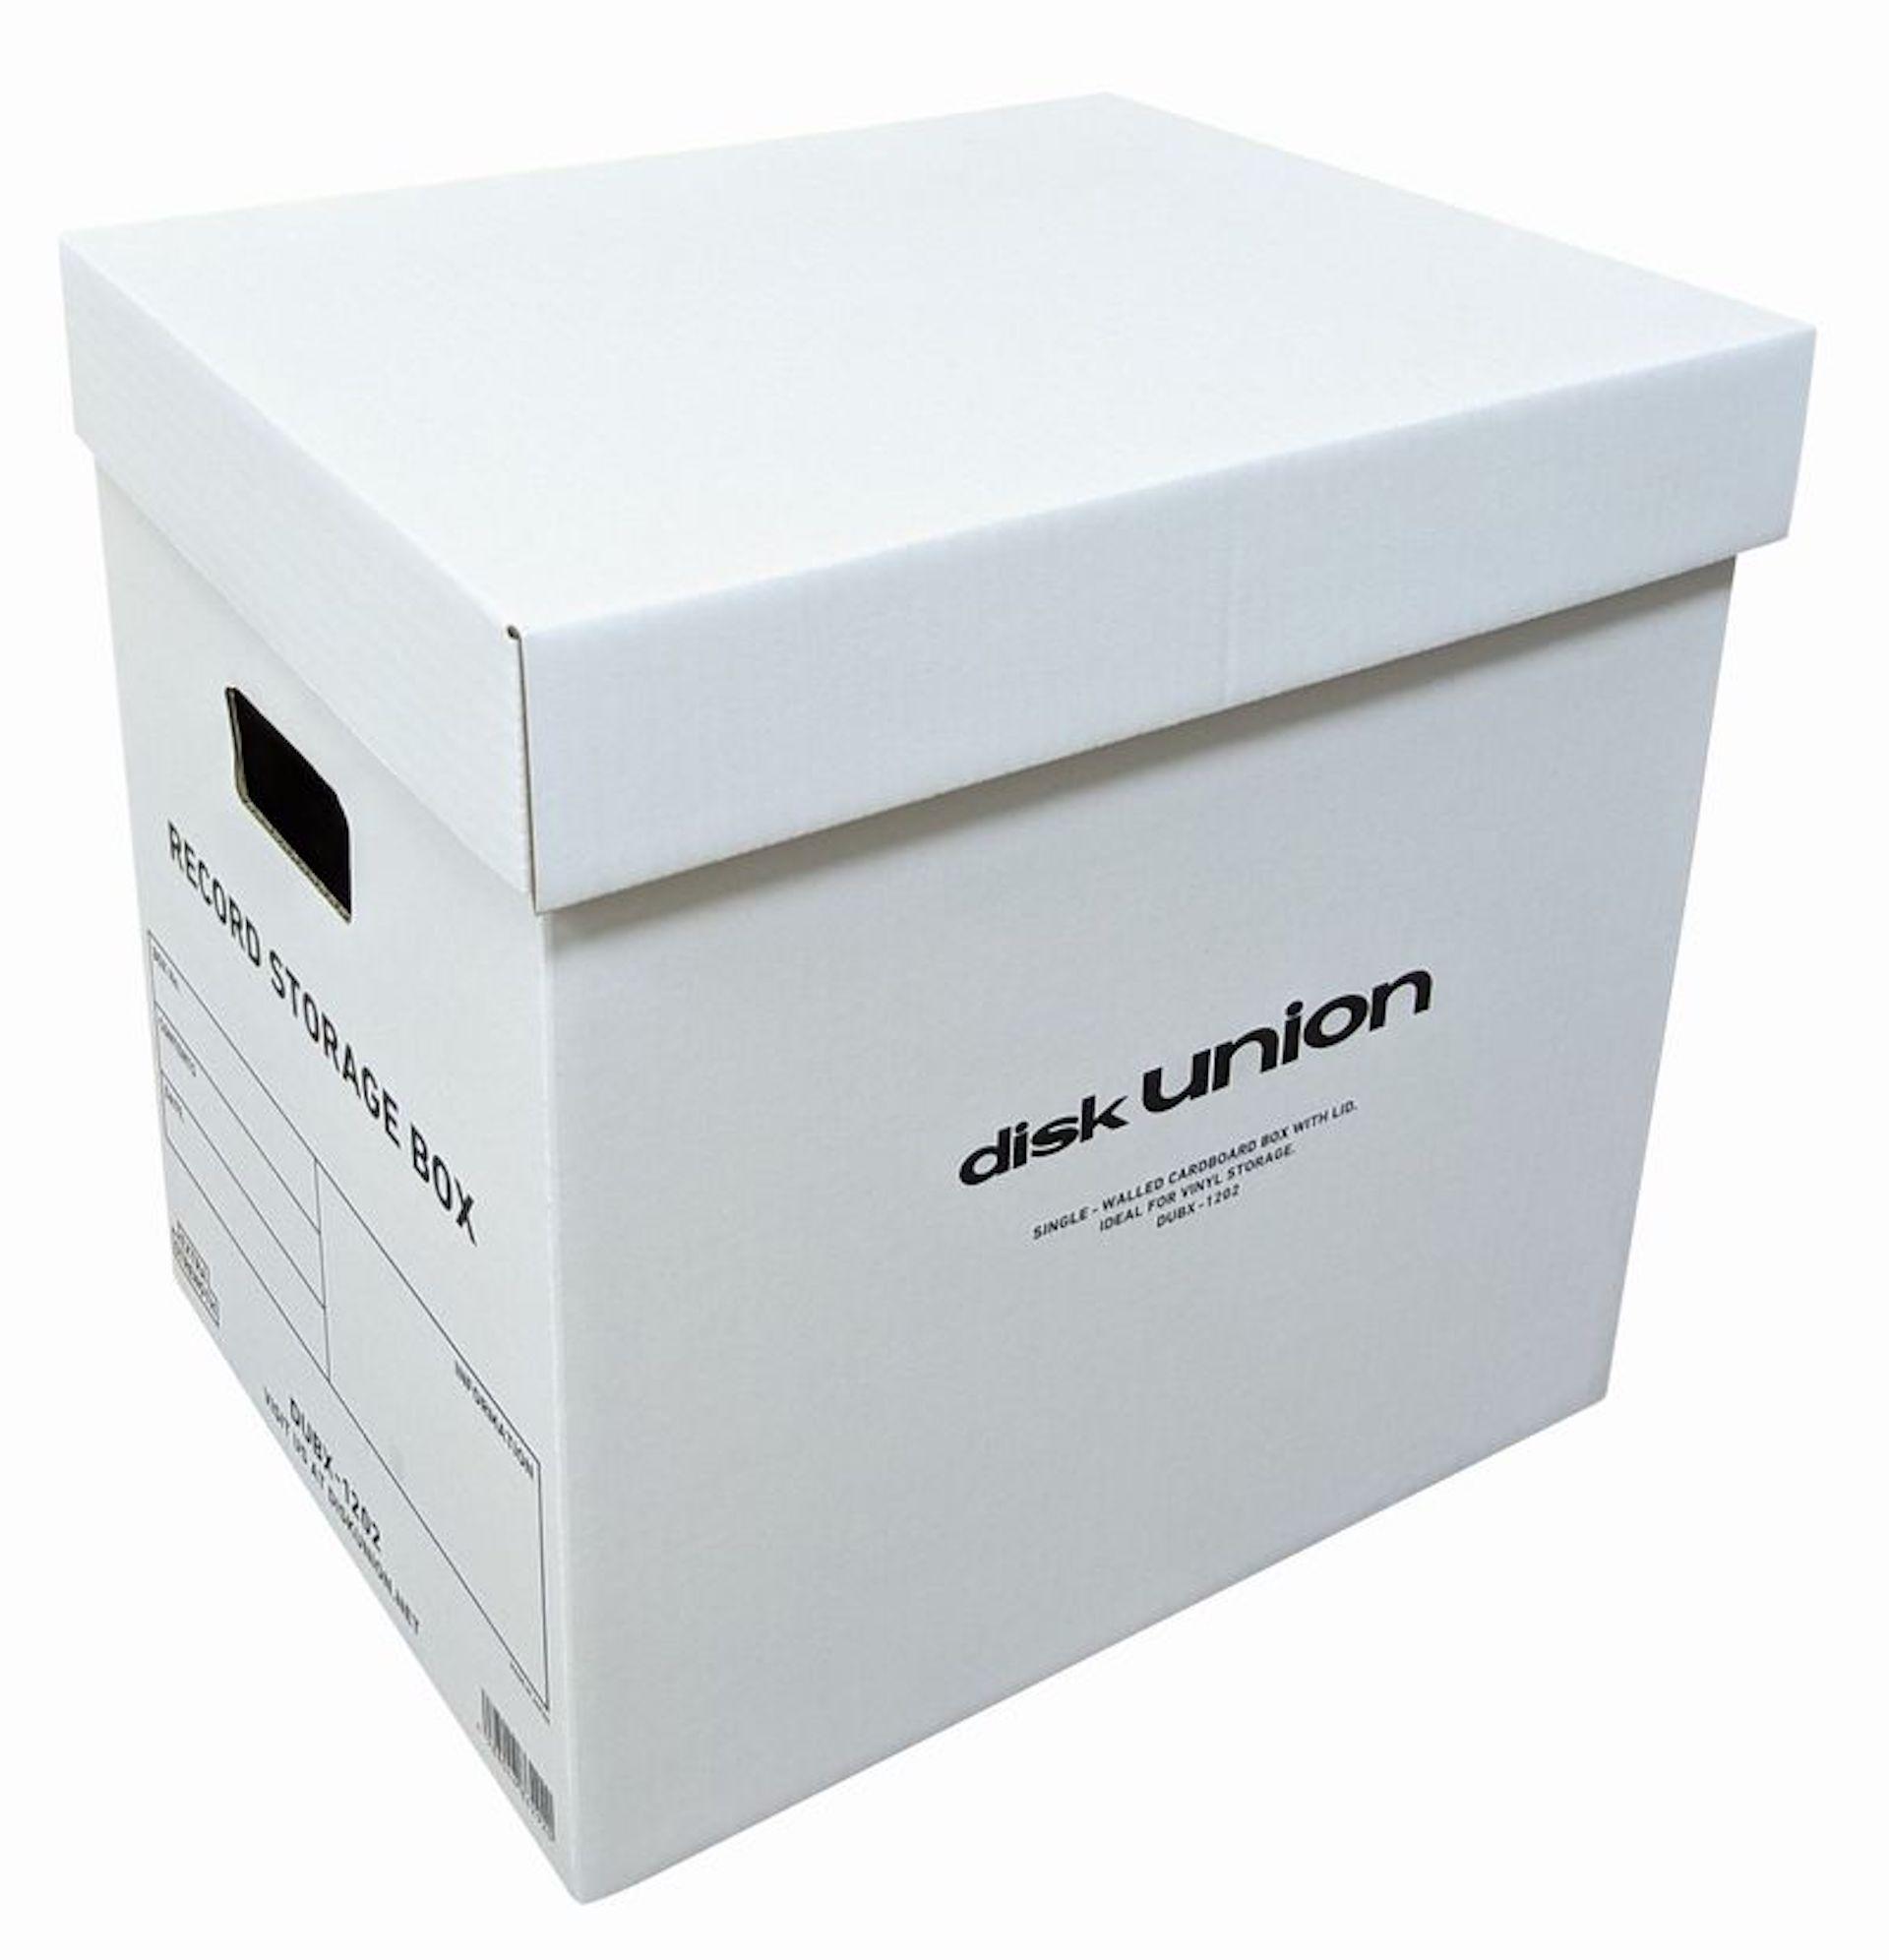 CD・レコードの収納用品に特化したディスクユニオン収納ストアが新宿にオープン!一部商品の情報も解禁 culture210624_diskunion10